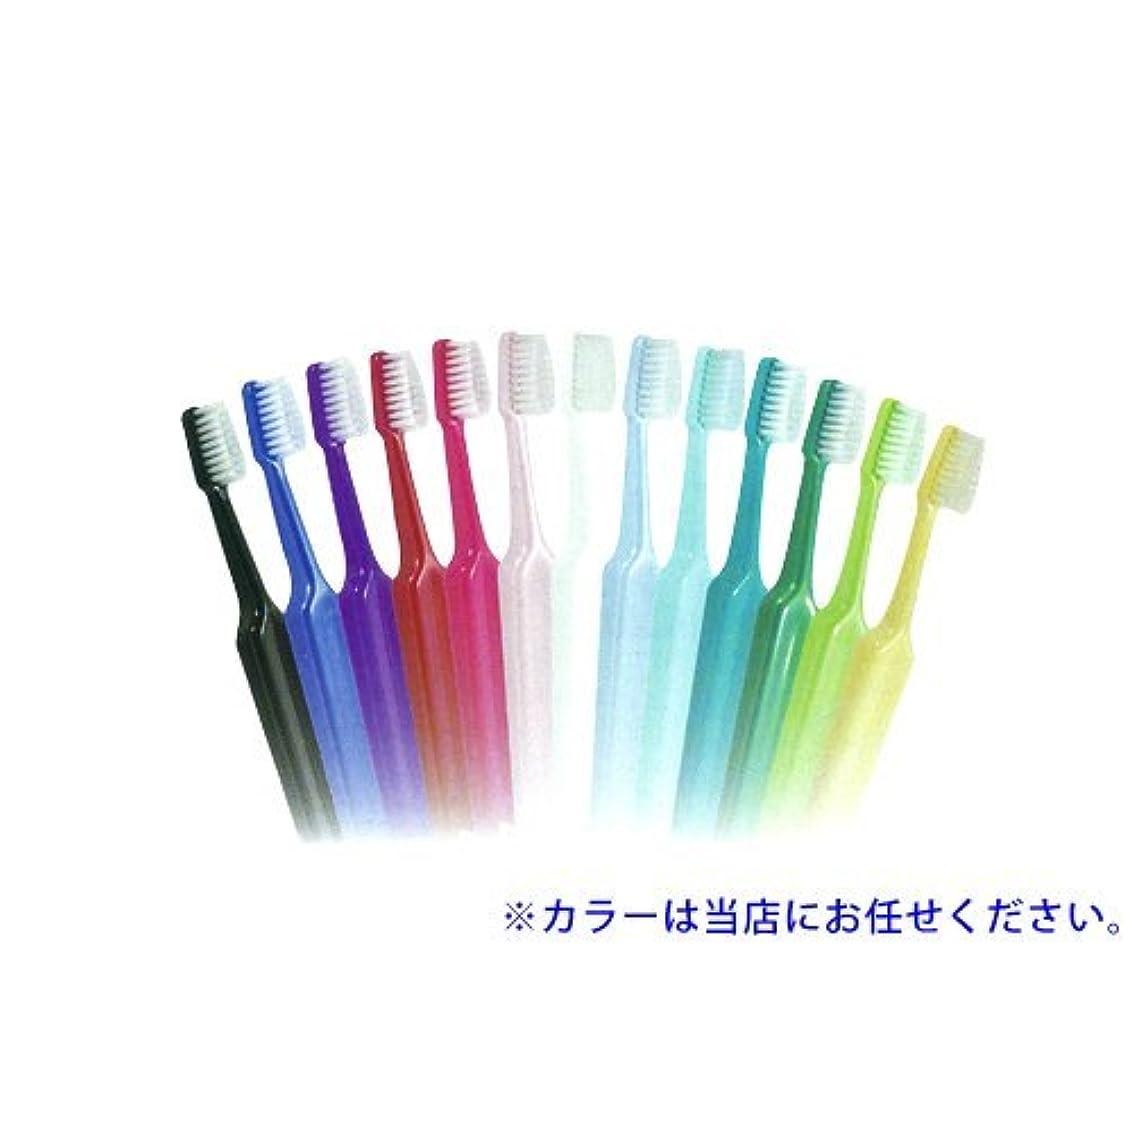 ずるい後退するこっそりクロスフィールド TePe テペ セレクトミニ 歯ブラシ 1本 エクストラソフト